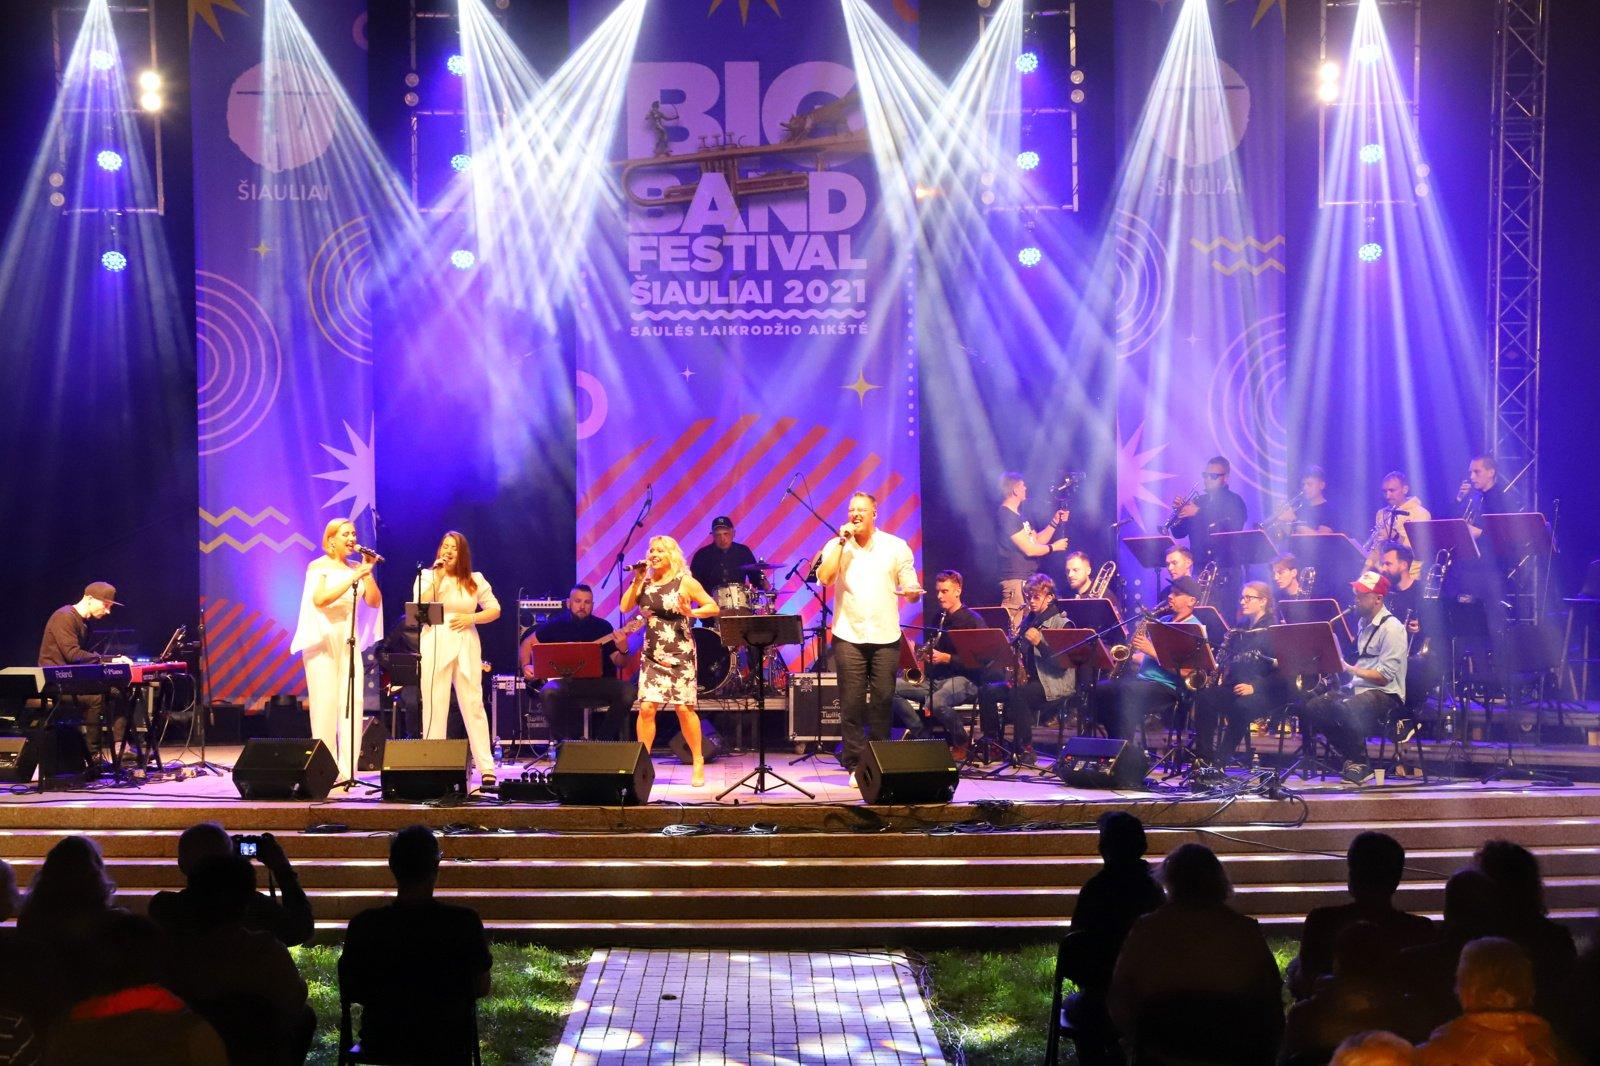 """""""Big Band Festival Šiauliai"""" kviečia vaizdo filmuku nusikelti į smagiausias šių metų festivalio akimirkas"""